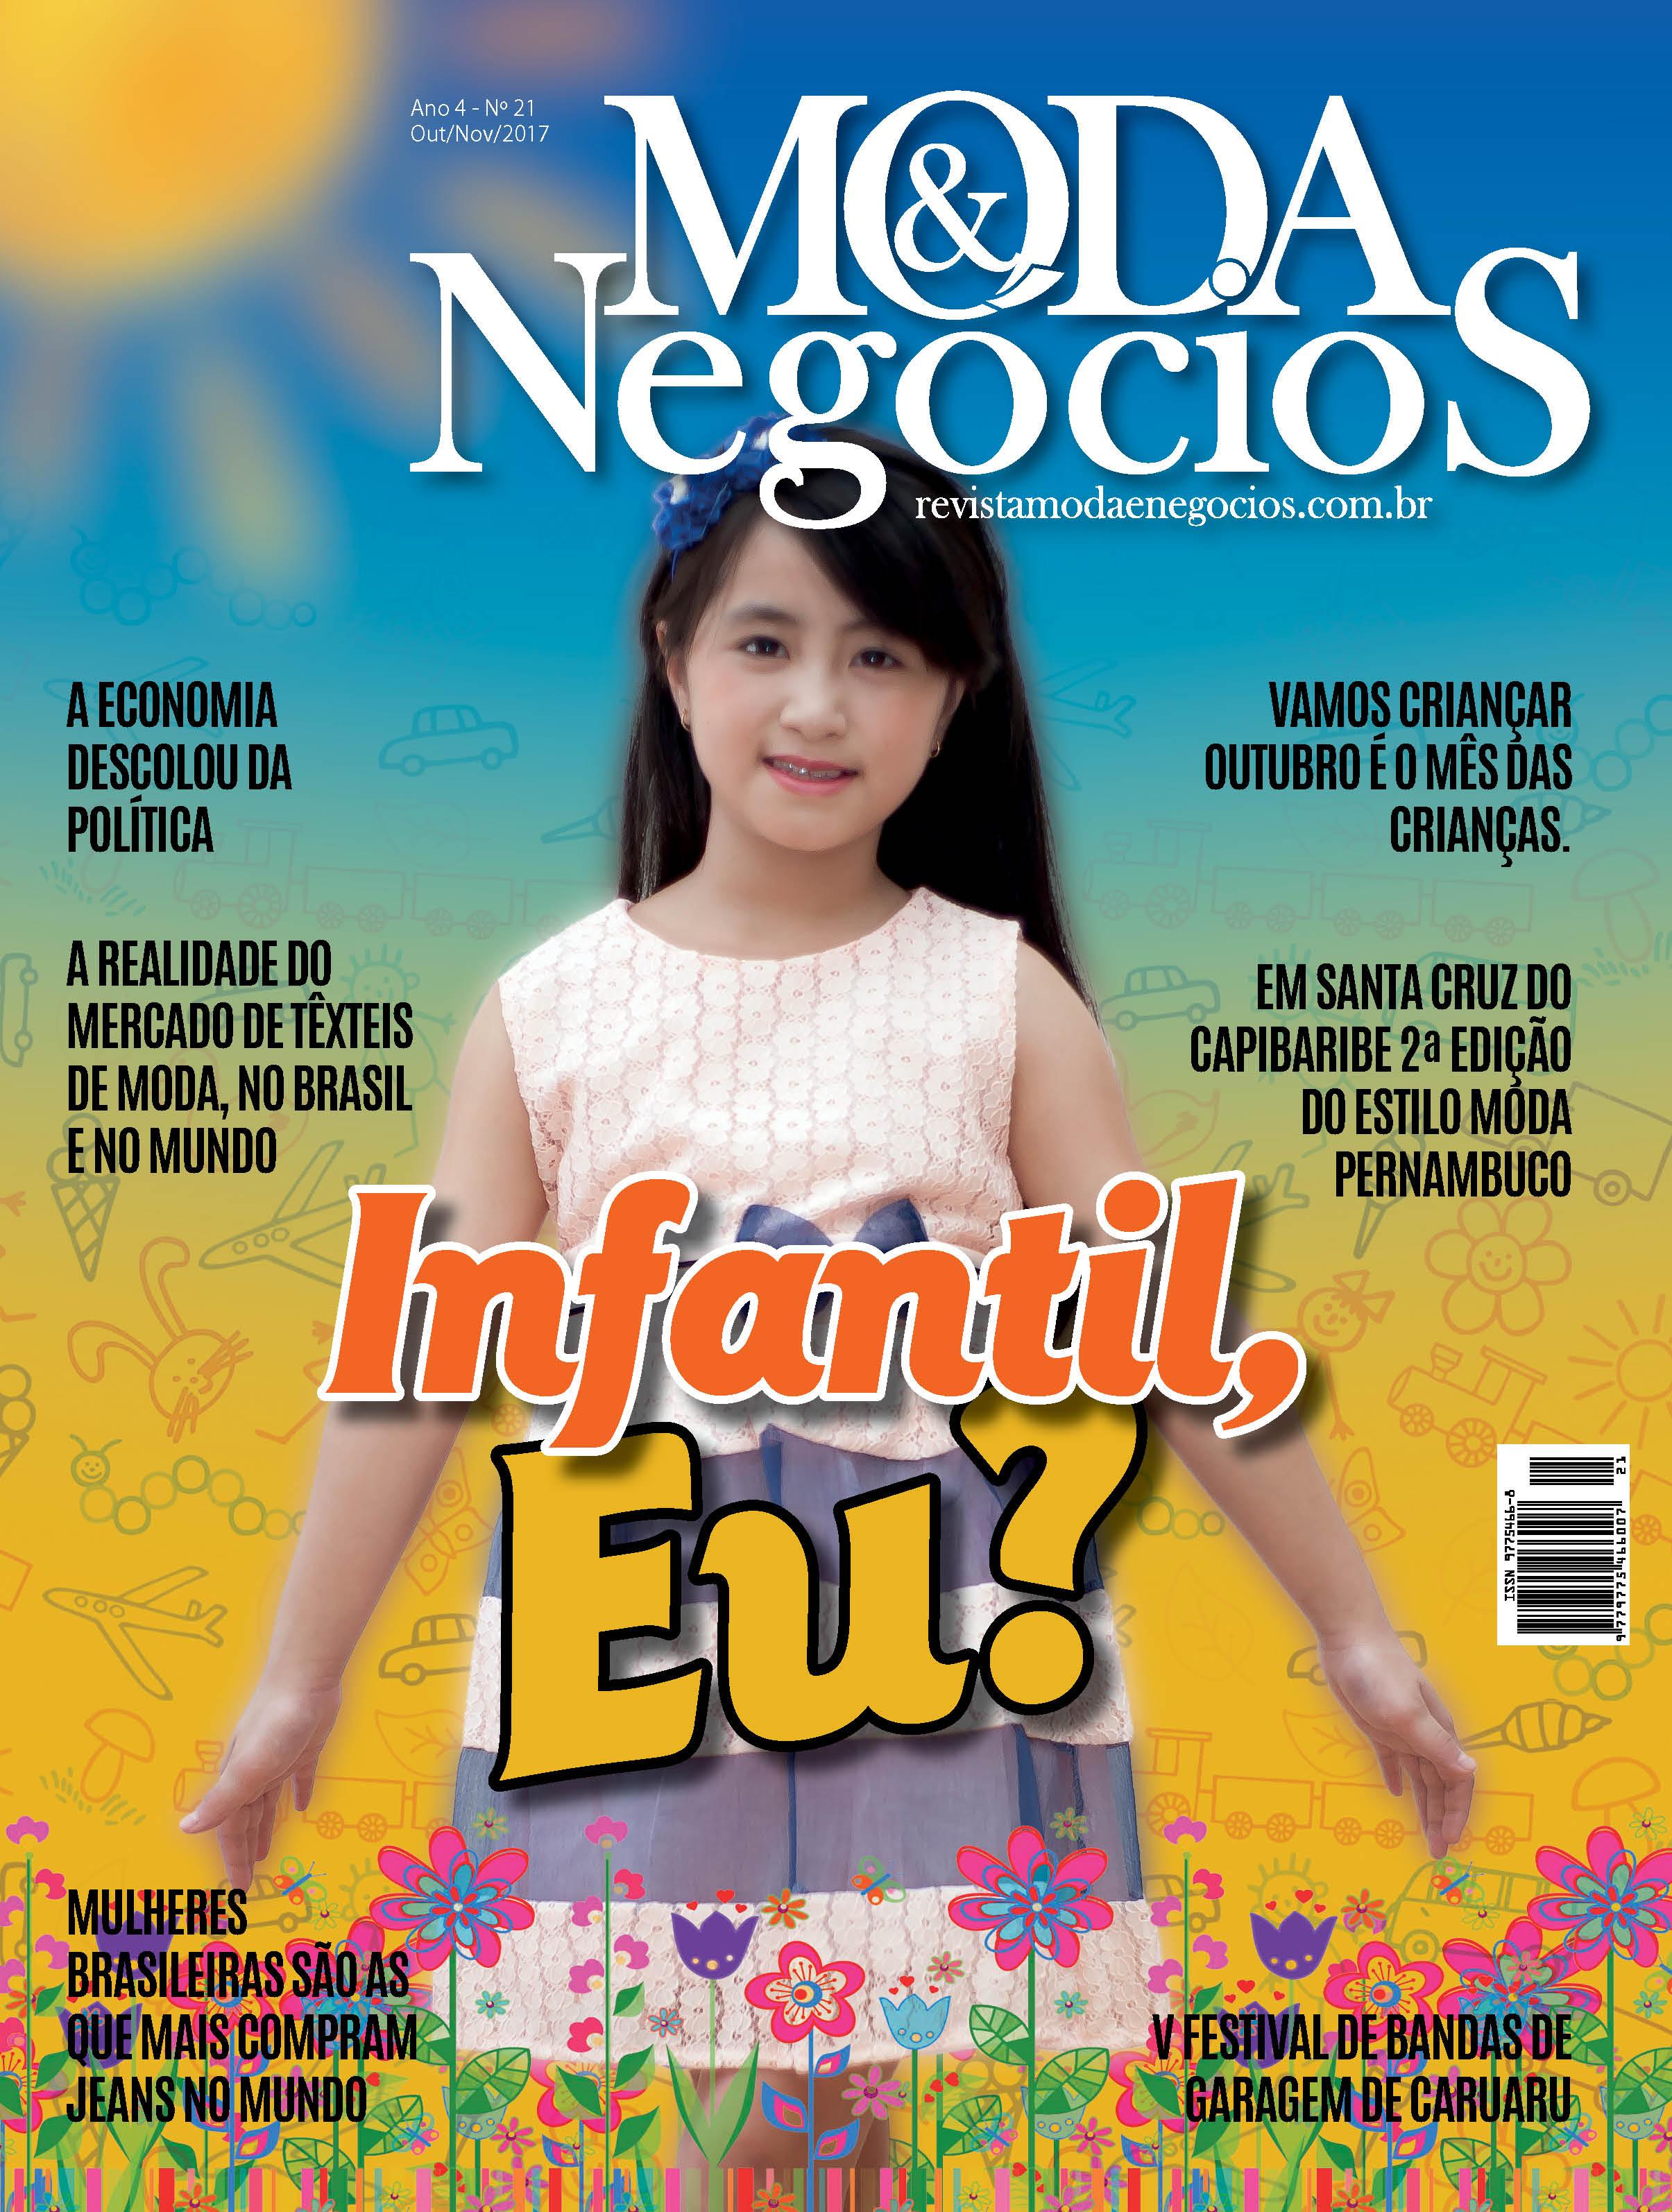 Moda & Negócios_EDIÇÃO 21_